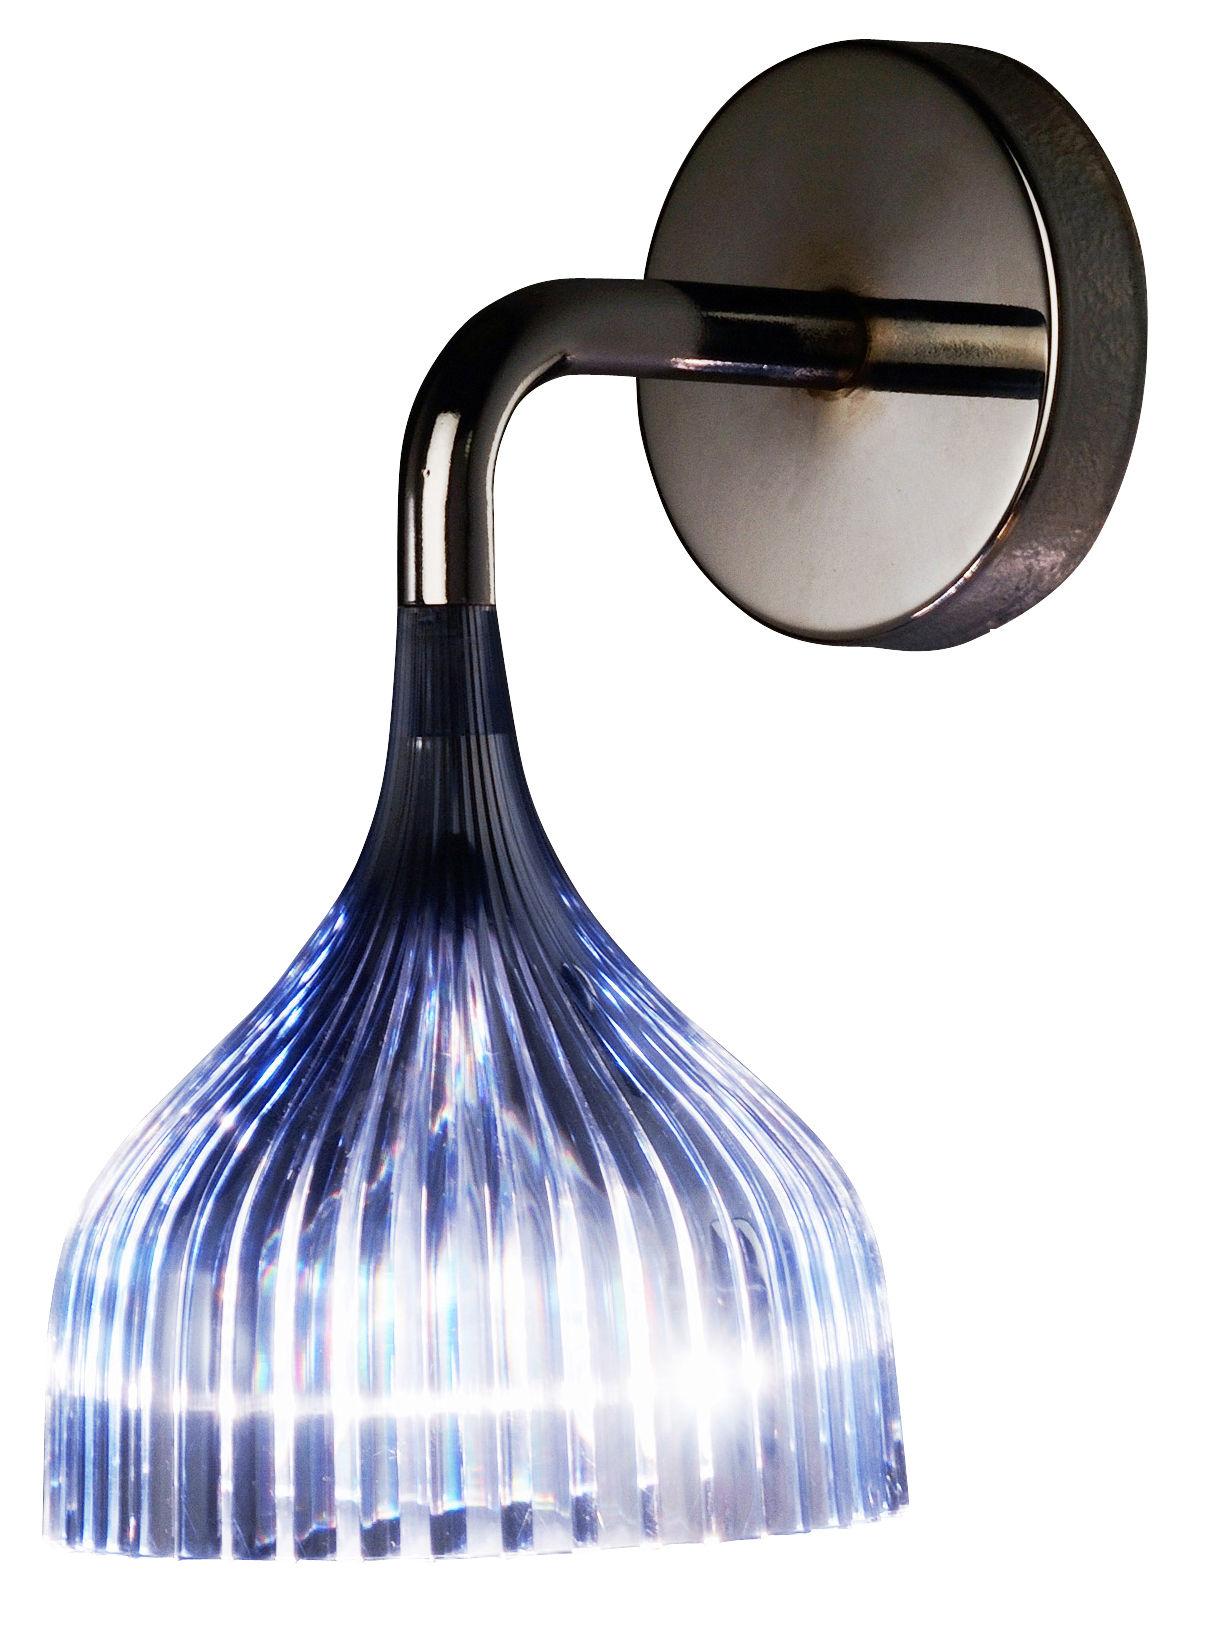 Luminaire - Appliques - Applique E' - Kartell - Bleu ciel - Polycarbonate